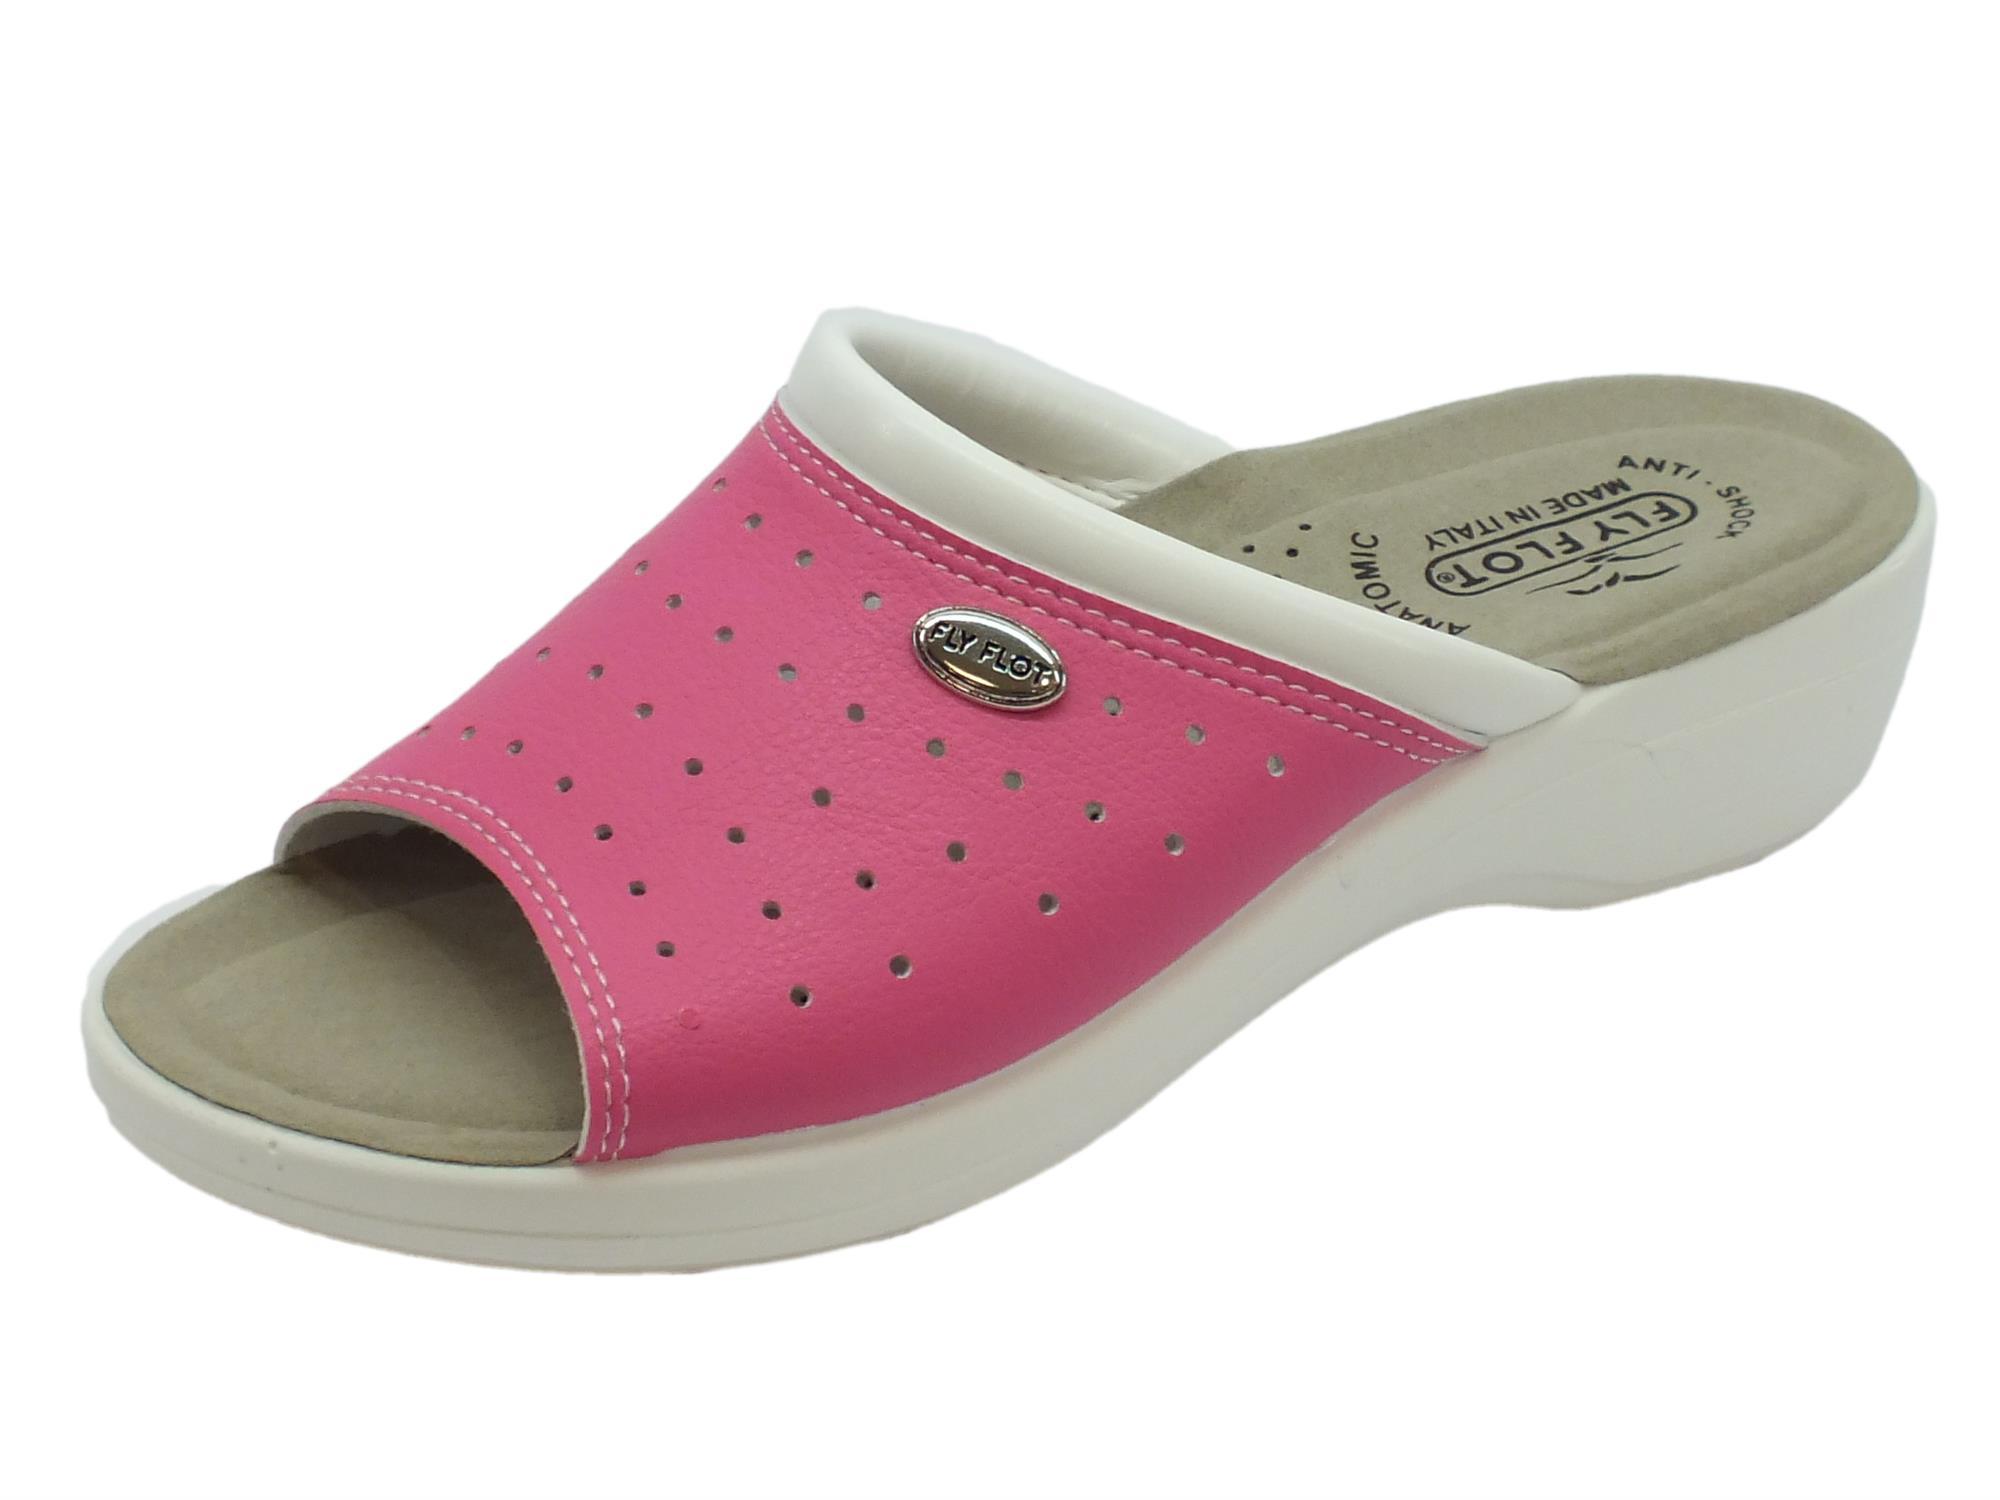 new product 4d7bd 2a291 Ciabatte aperte FlyFlot per donna colore rosa con sottopiede anatomico  anti-shock